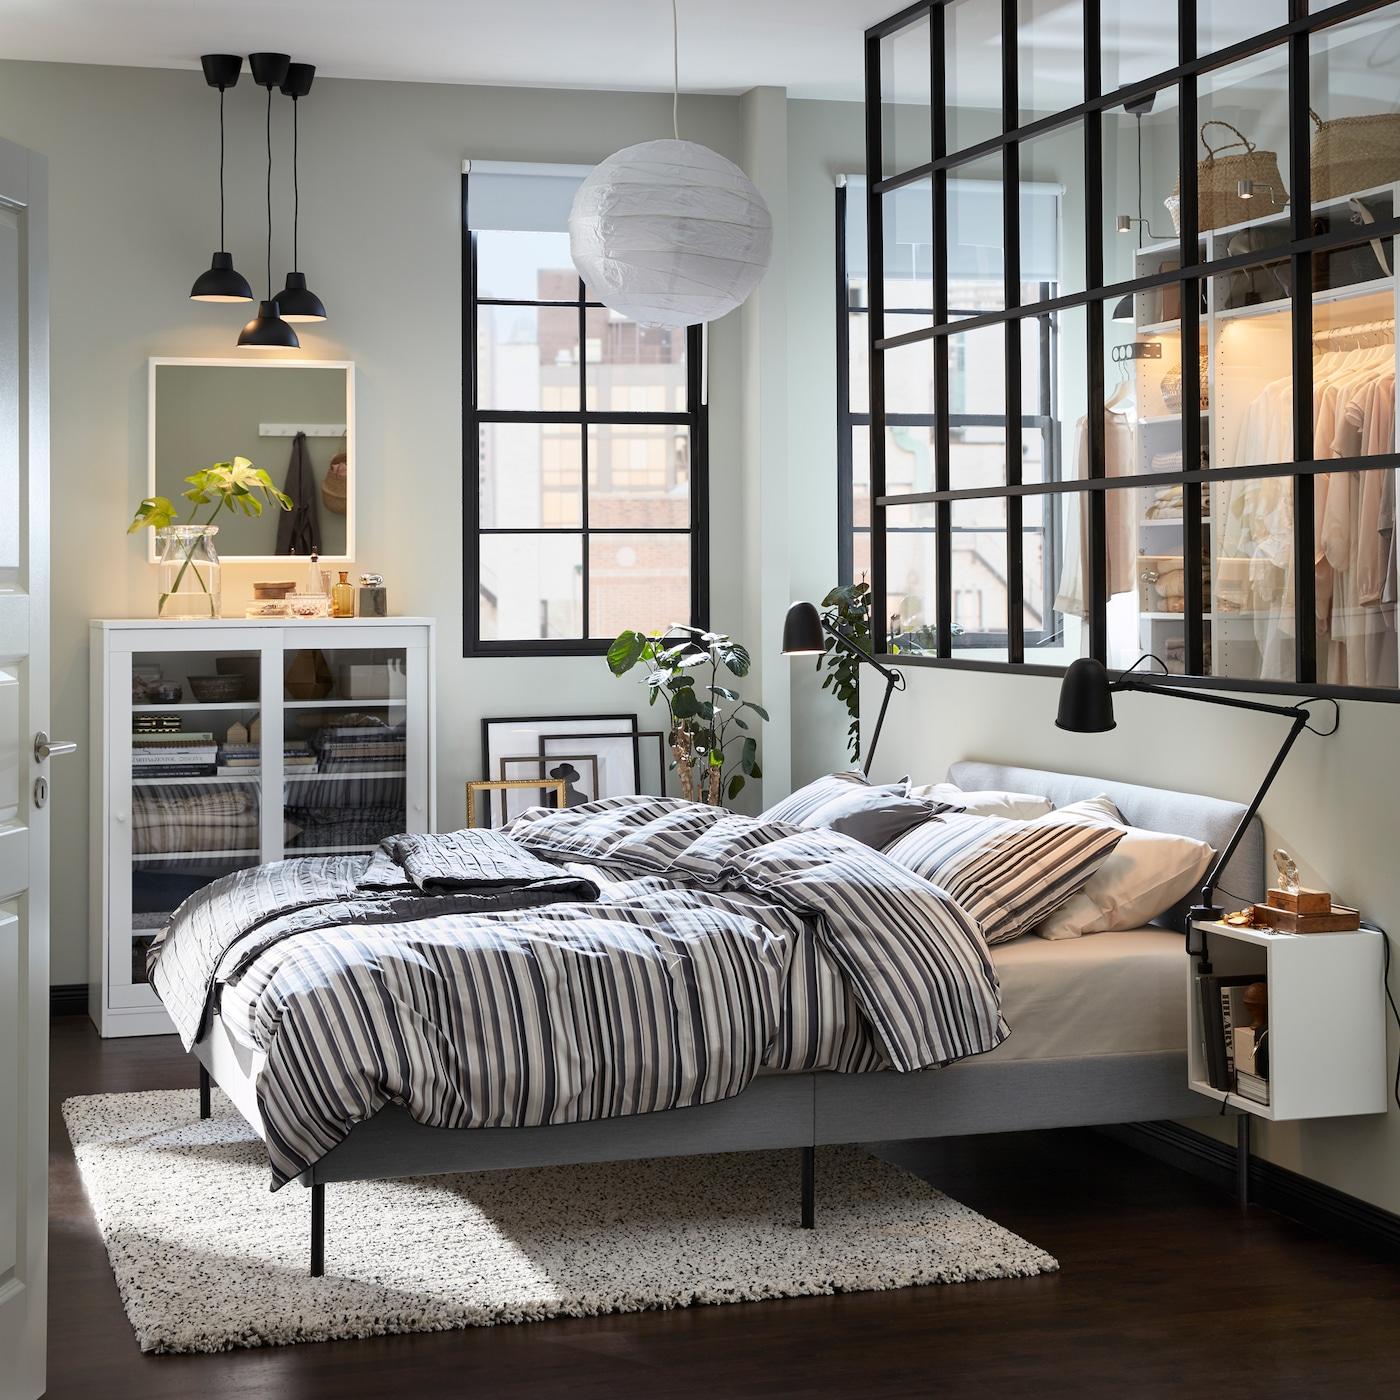 Um quarto com uma estrutura de cama em cinzento acolchoada, um tapete cinzento, um armário branco com portas de vidro e candeeiros pretos.